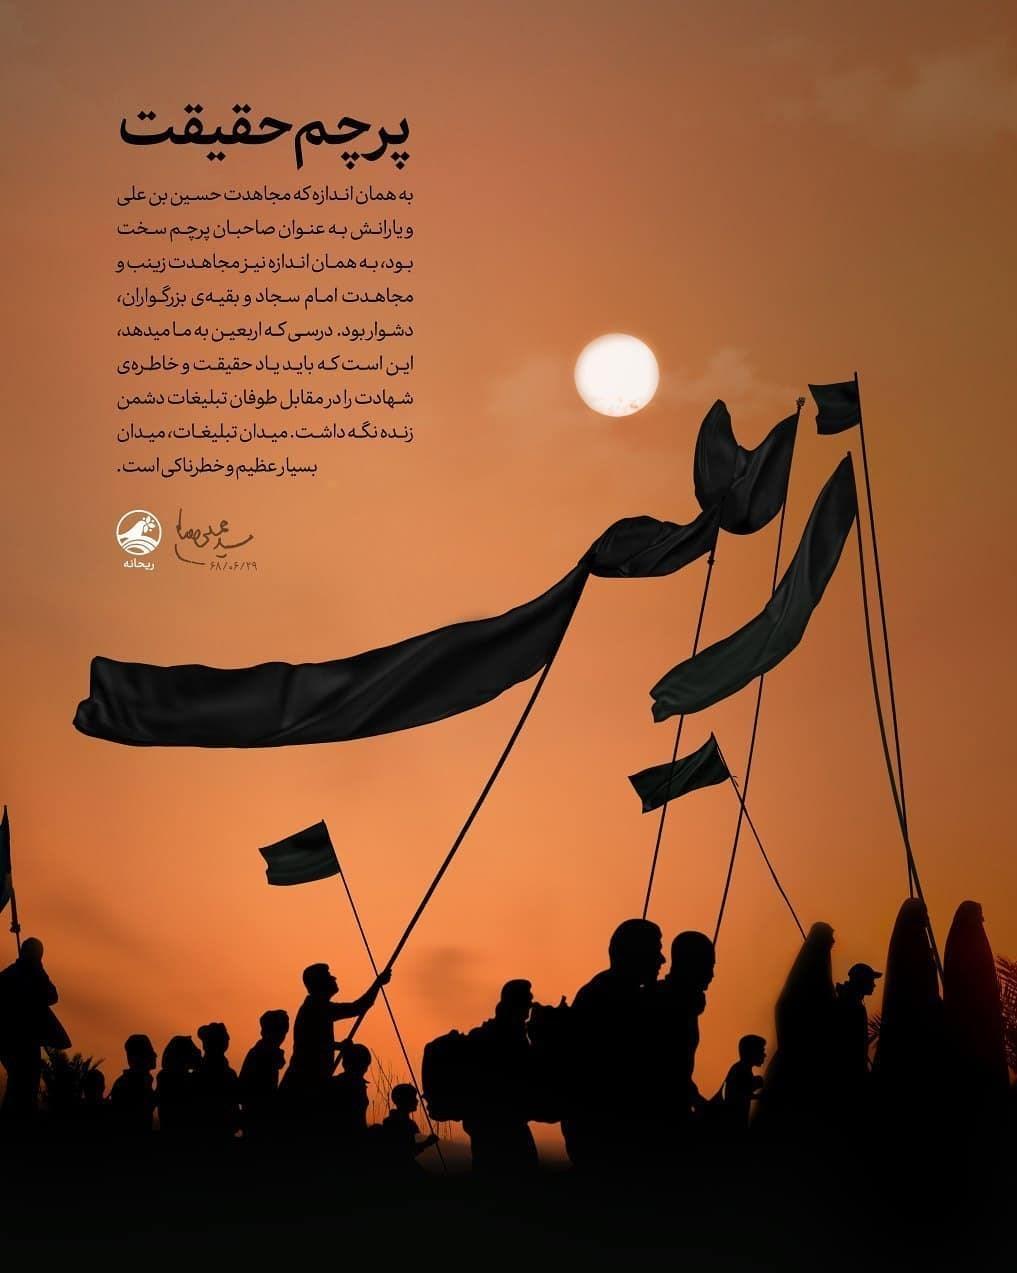 پوستر , اربعین حسینی| راهپیمایی اربعین , موکب تسنیم , هنرهای تجسمی ,